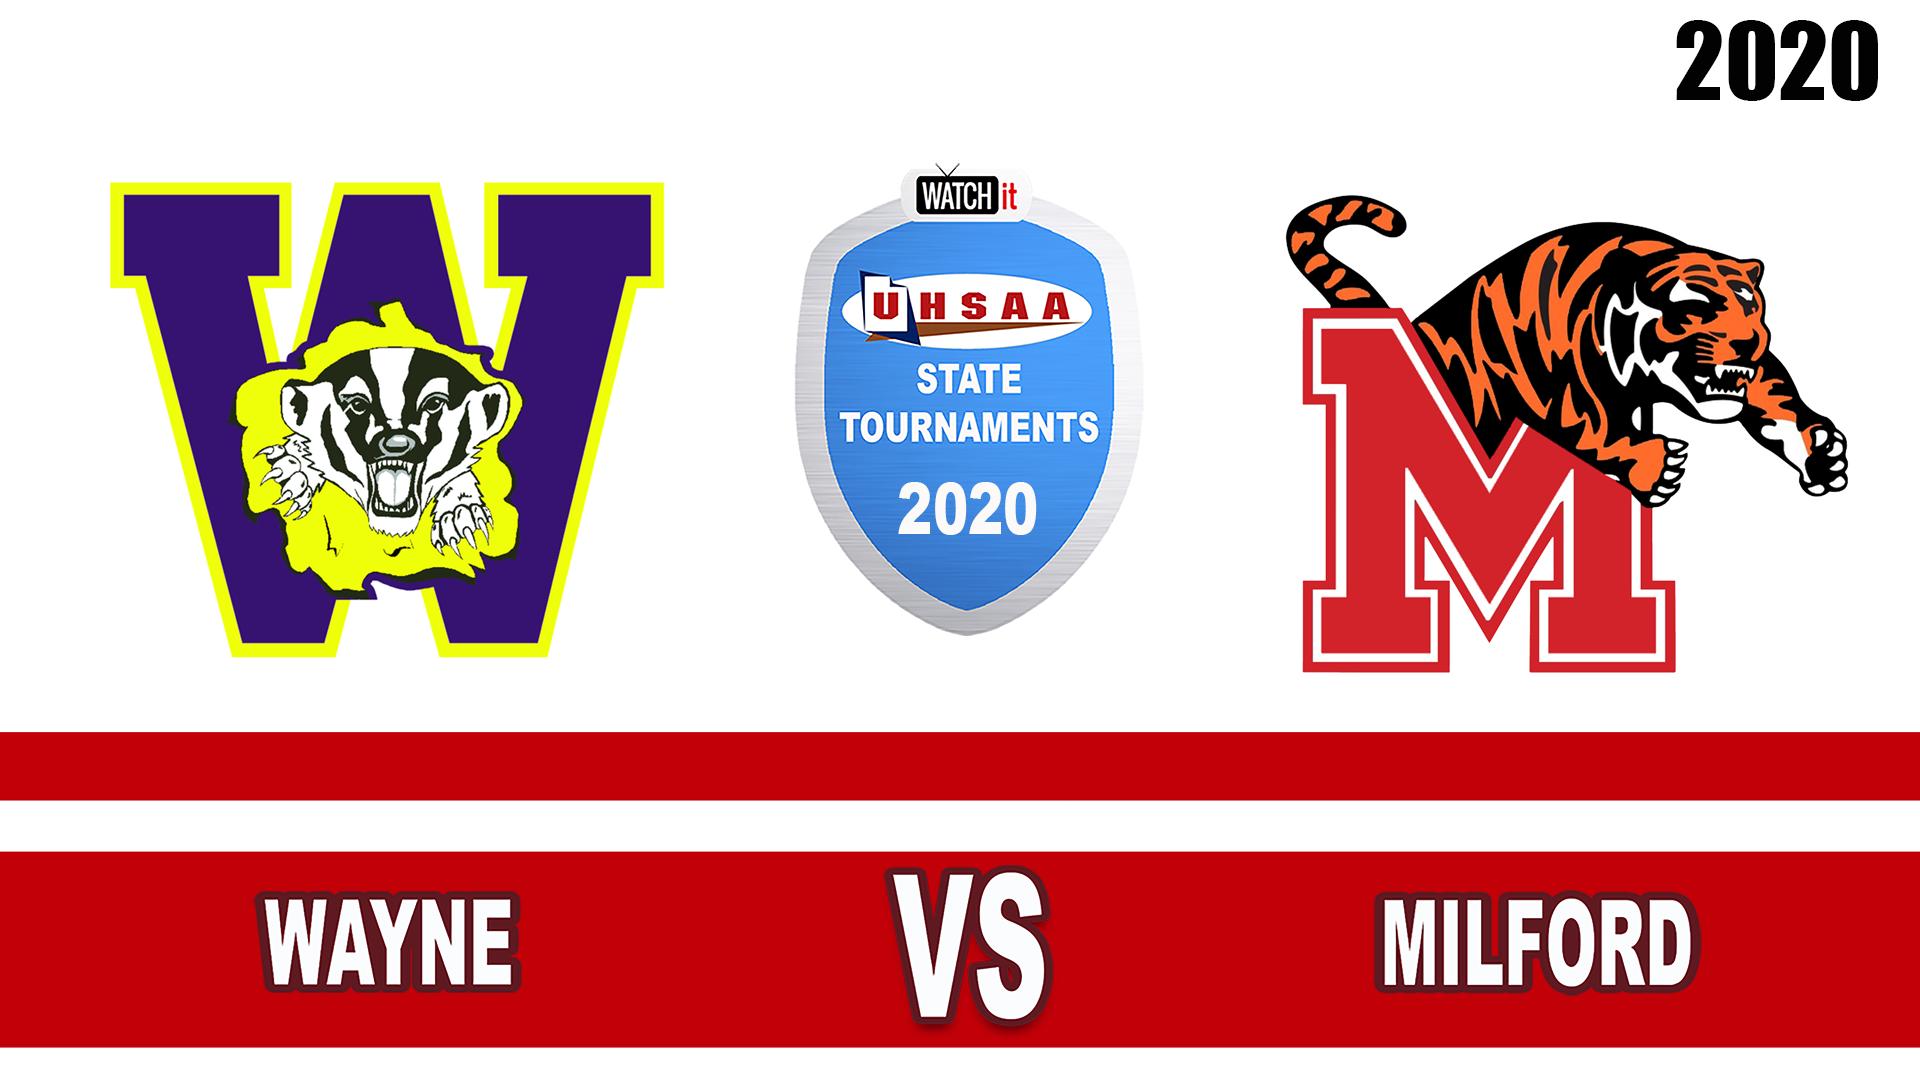 Wayne vs Milford